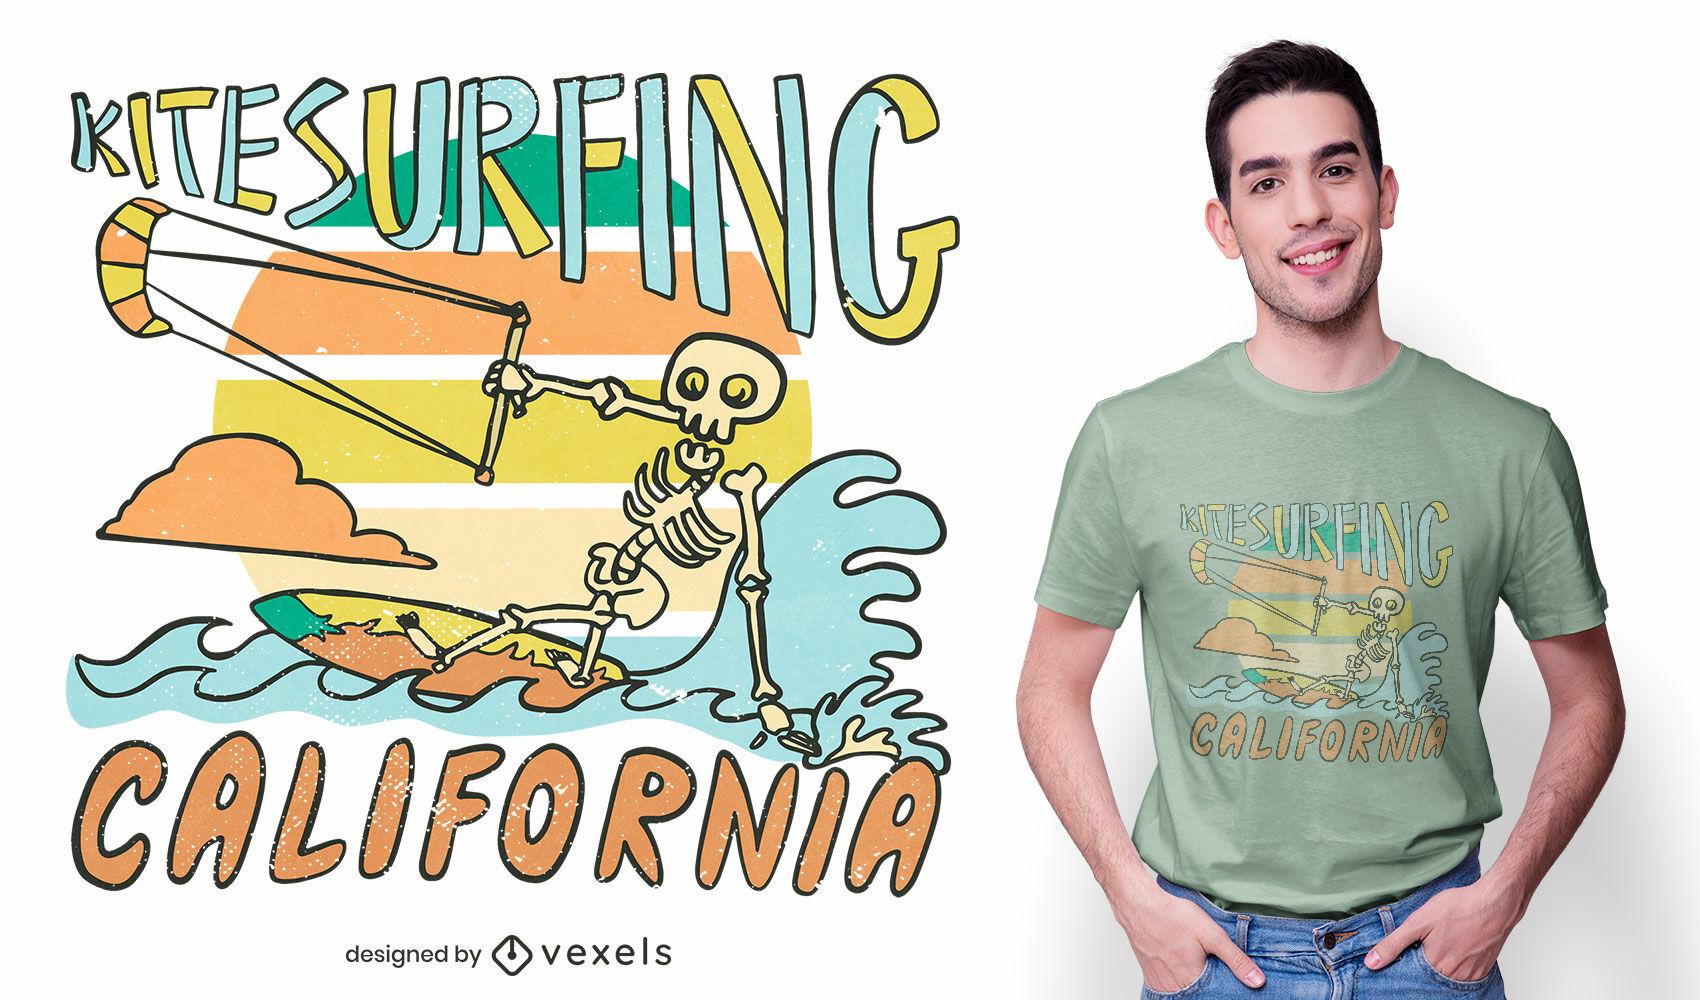 Kitesurfing skeleton t-shirt design